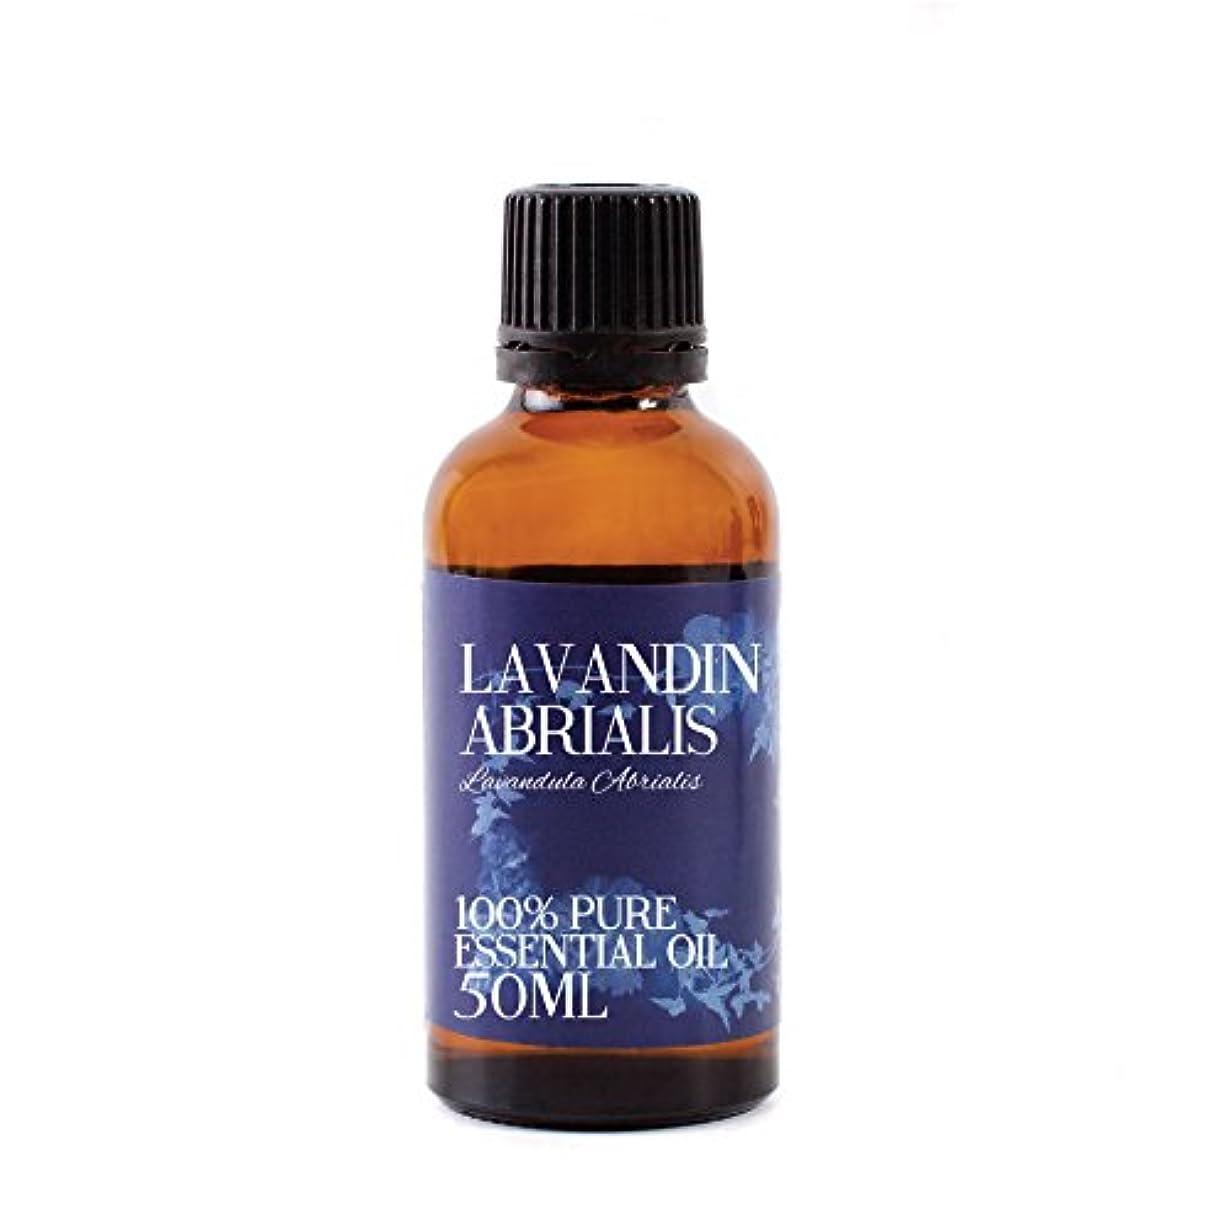 起きろホームレスプランターMystic Moments | Lavandin Abrialis Essential Oil - 50ml - 100% Pure